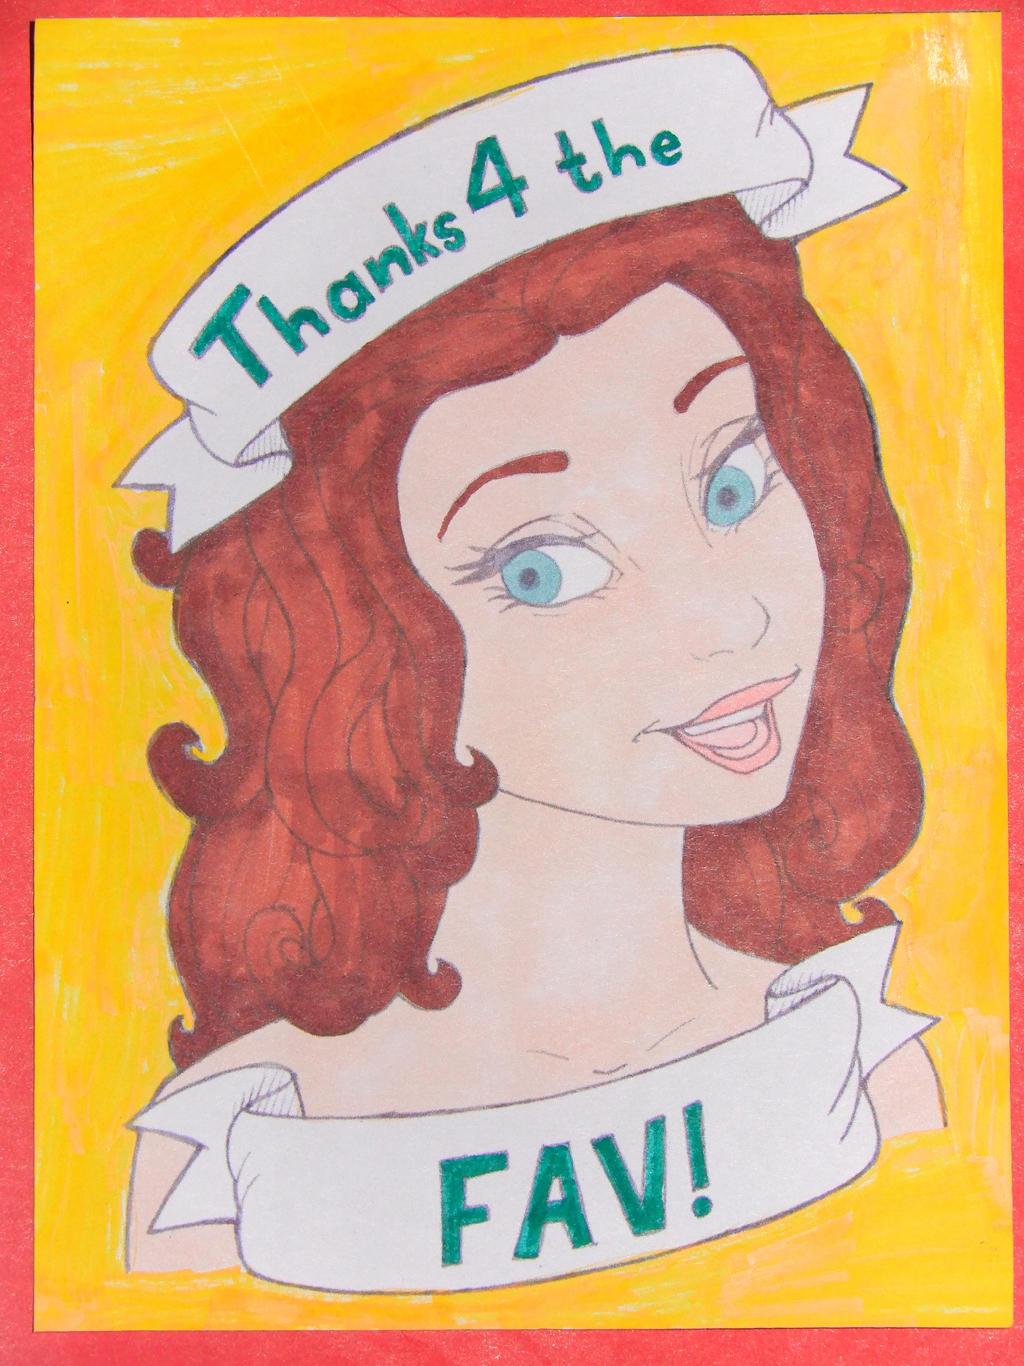 Thanks 4 the fav!